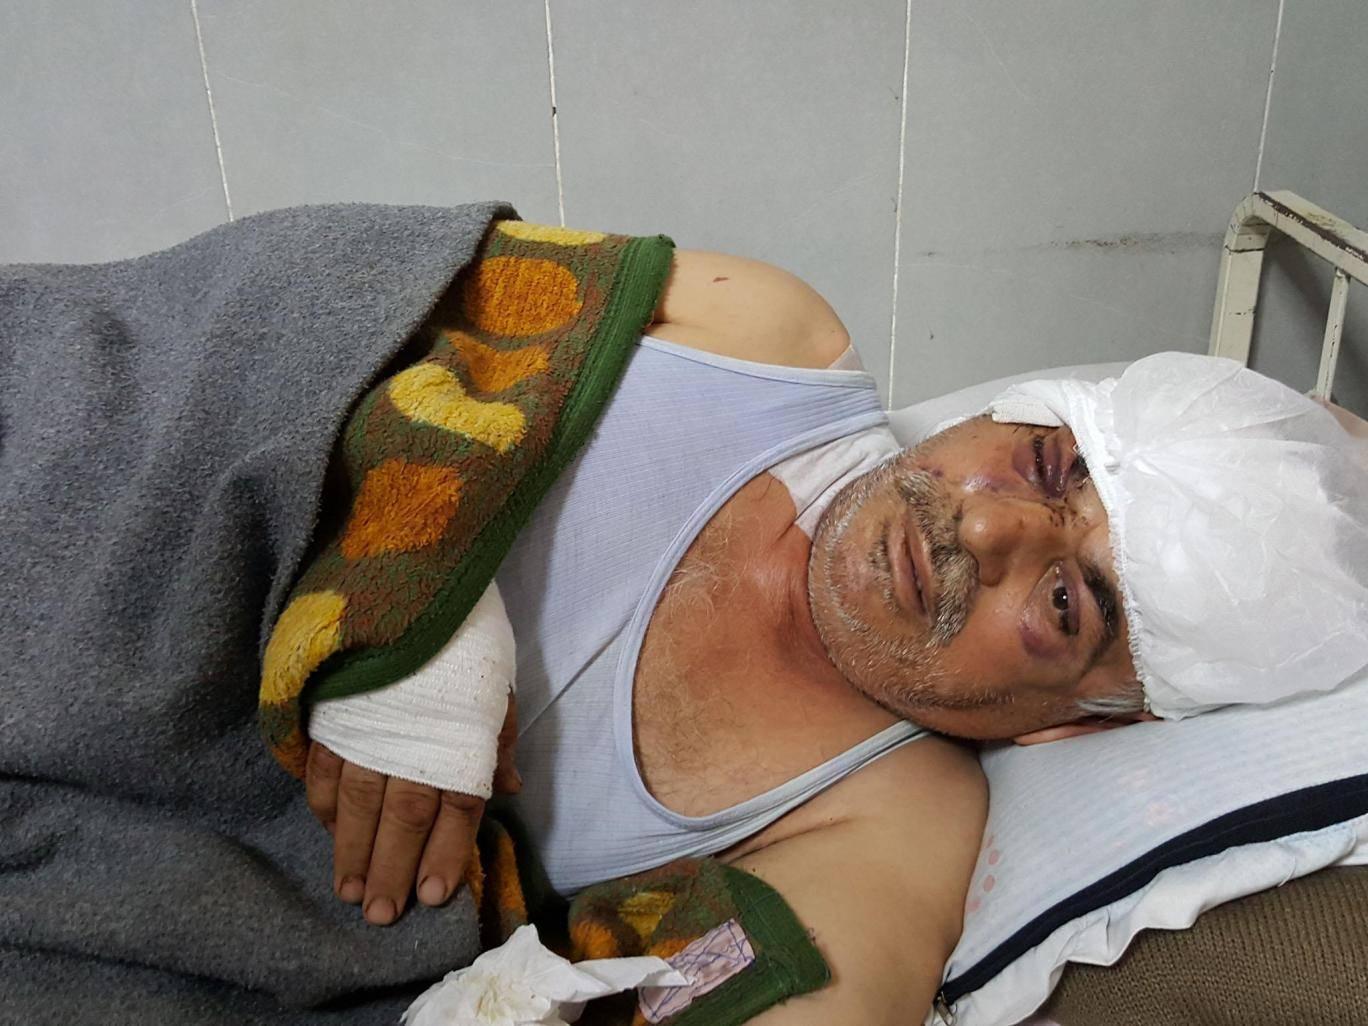 محمد حسين 58 عامًا مستشفى عفرين العام. مصدر الصورة: الإندبندنت